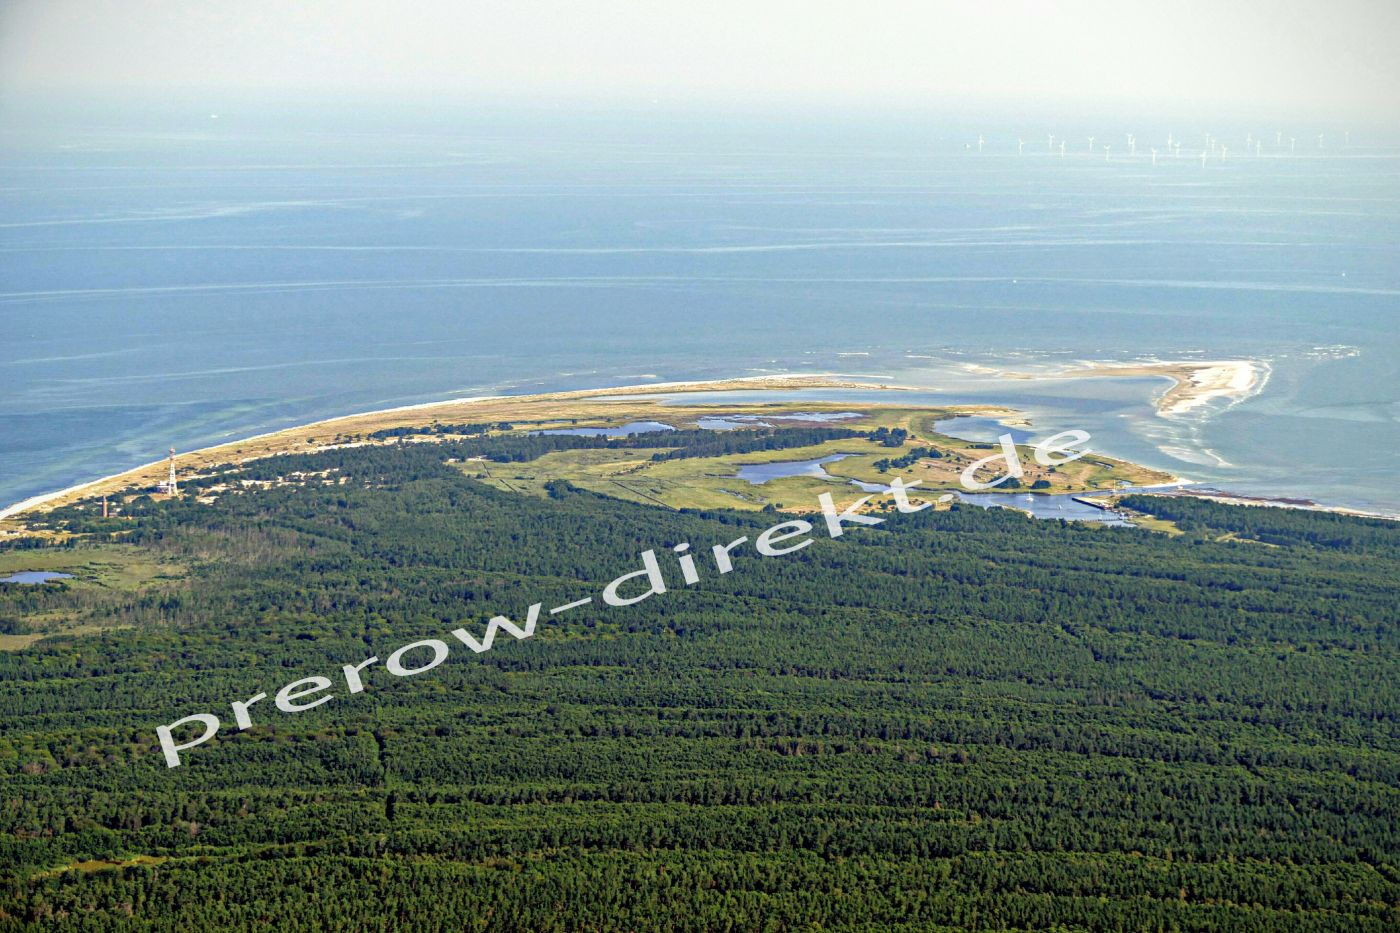 Darßer Ort, Nordwest-Spitze der Halbinsel Fischland-Darß-Zingst